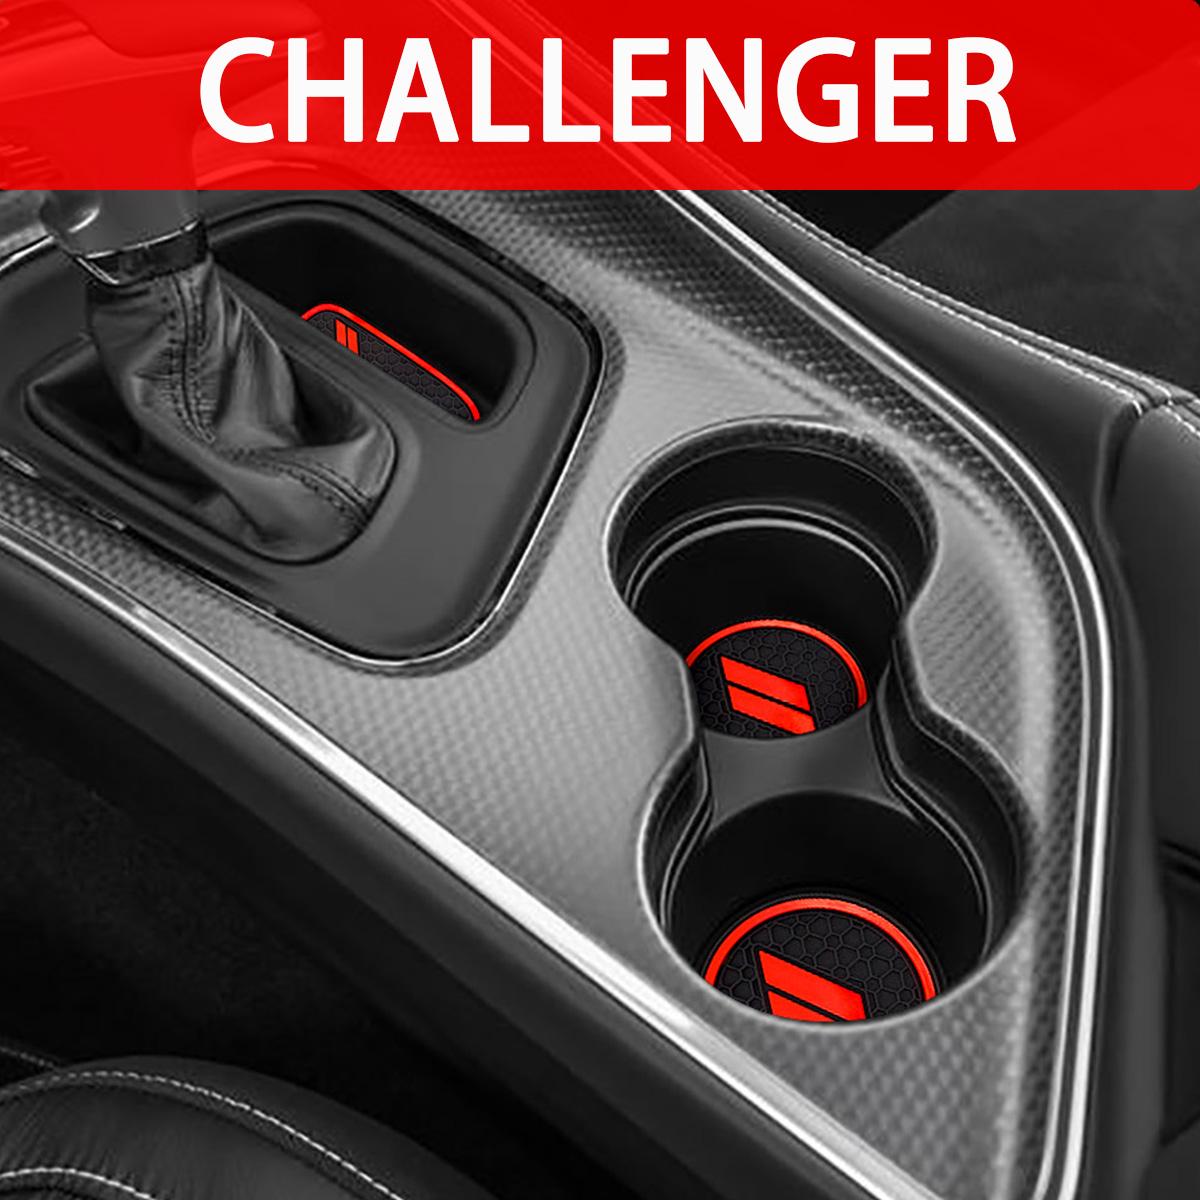 challenger dodge auovo door